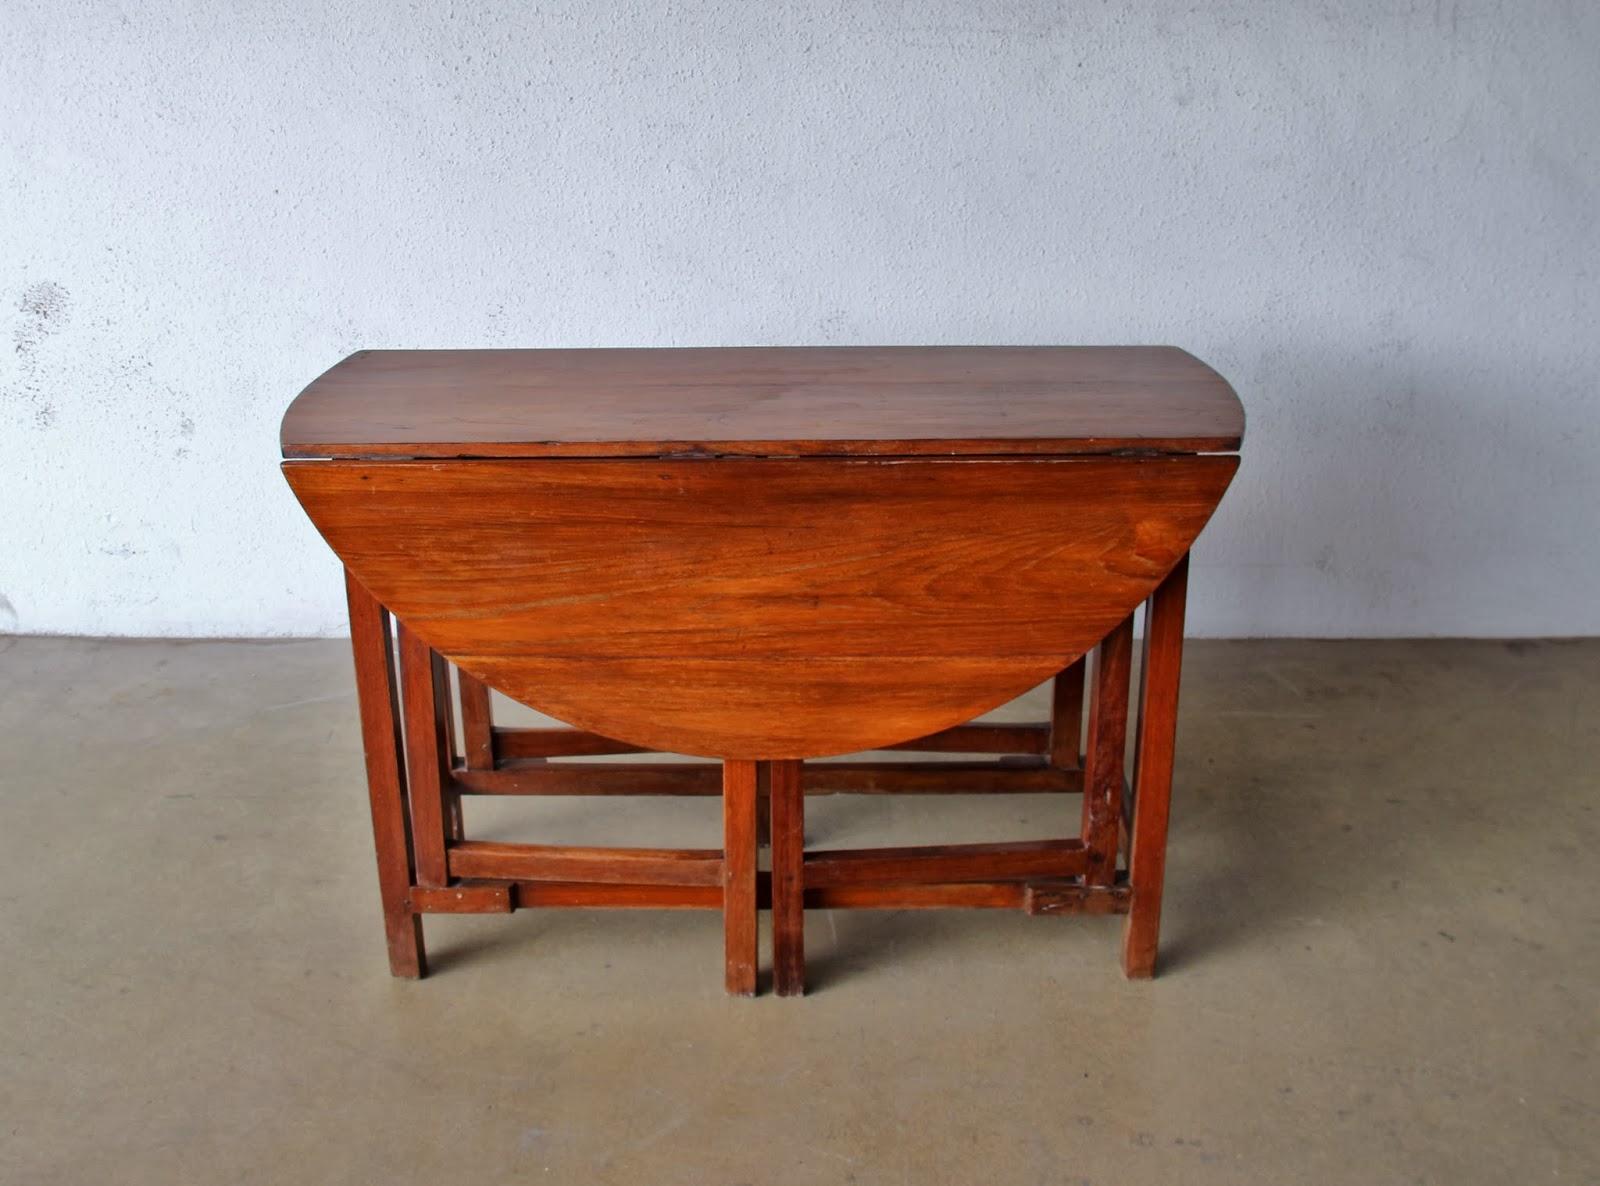 Qvc Furniture Restorer Amazing Graves Furniture Since  : diningtablegatelegs2 from www.theridgewayinn.com size 1600 x 1186 jpeg 206kB